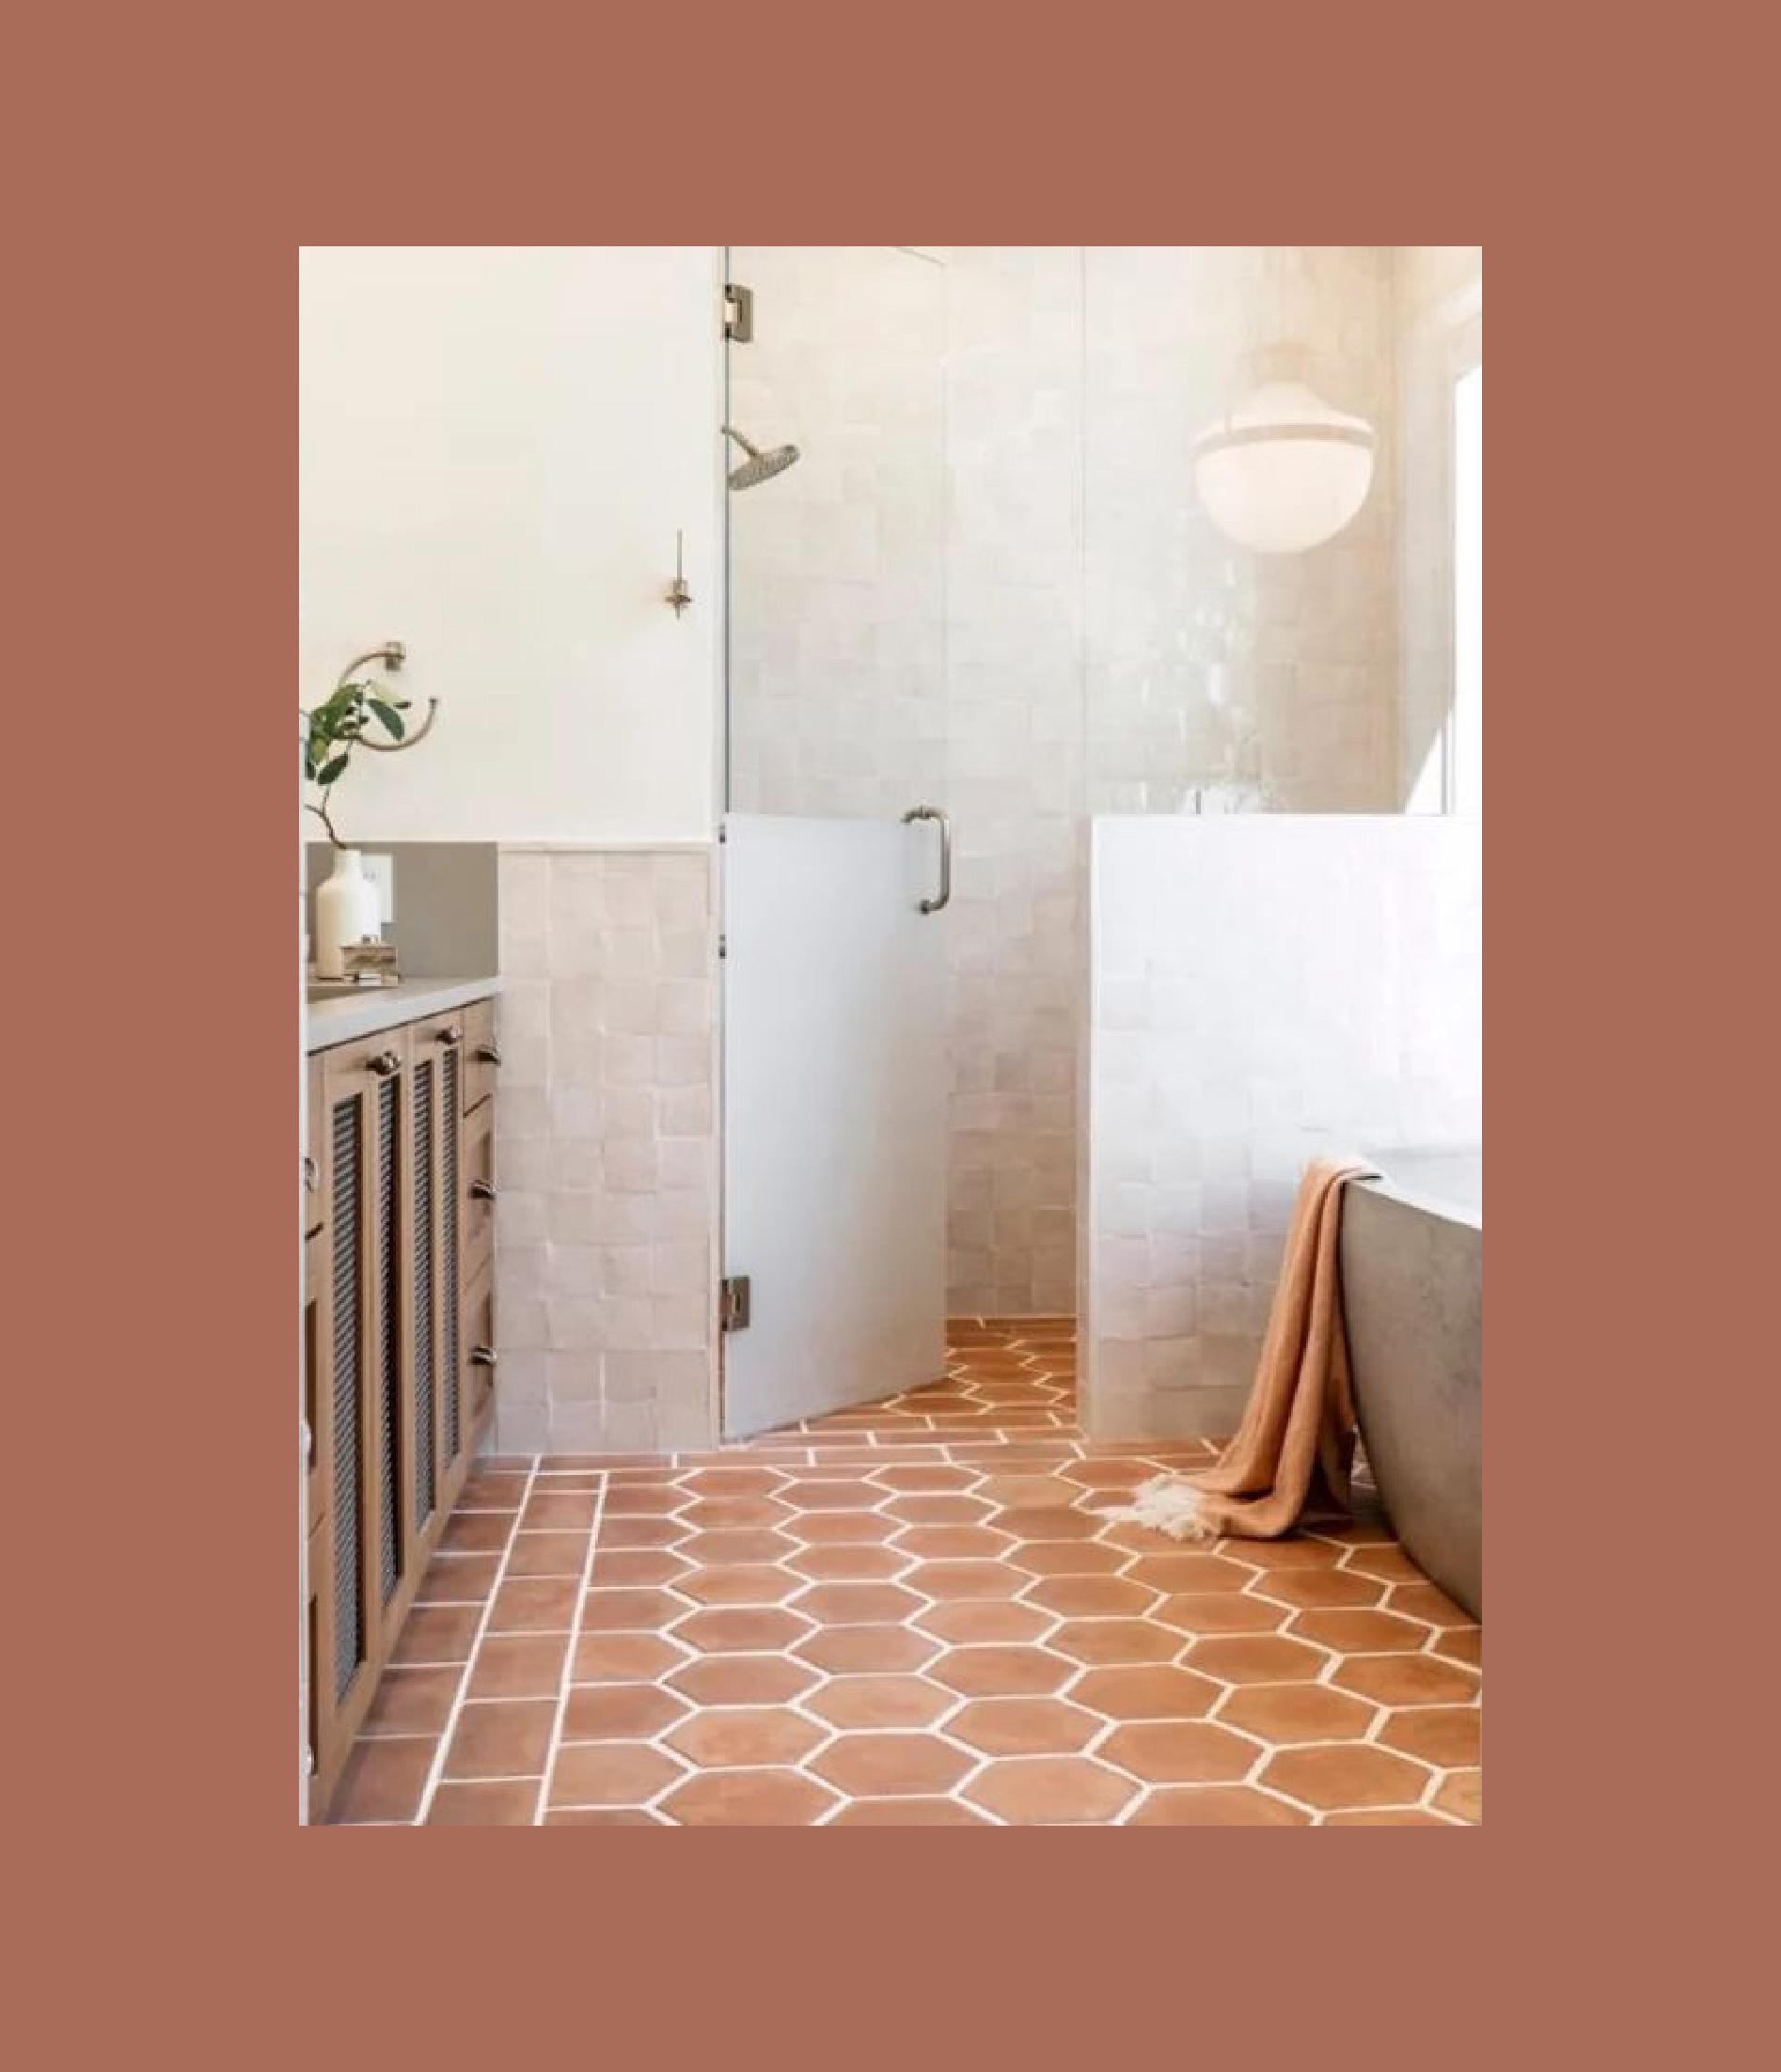 1686 - photo d'une salle de bain avec un carrelage terracota